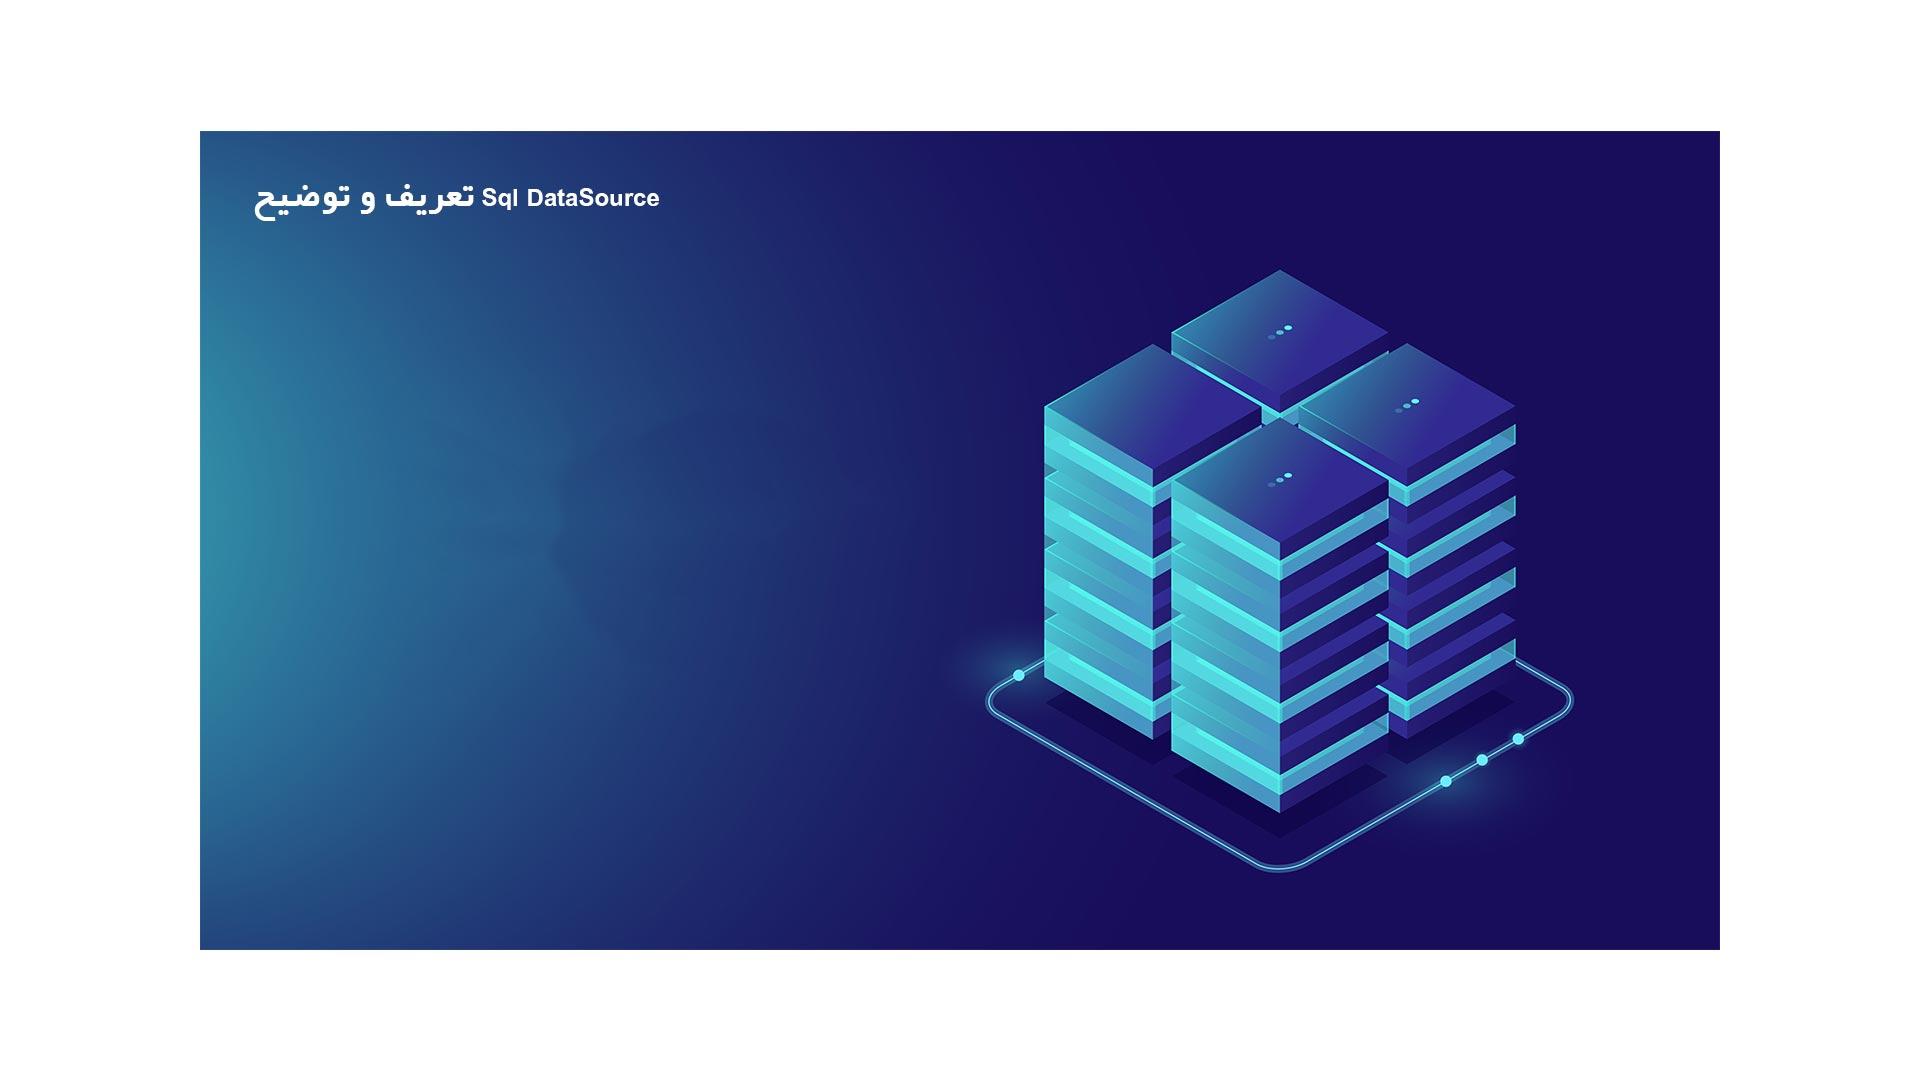 تعریف-و-توضیح-Sql-DataSource